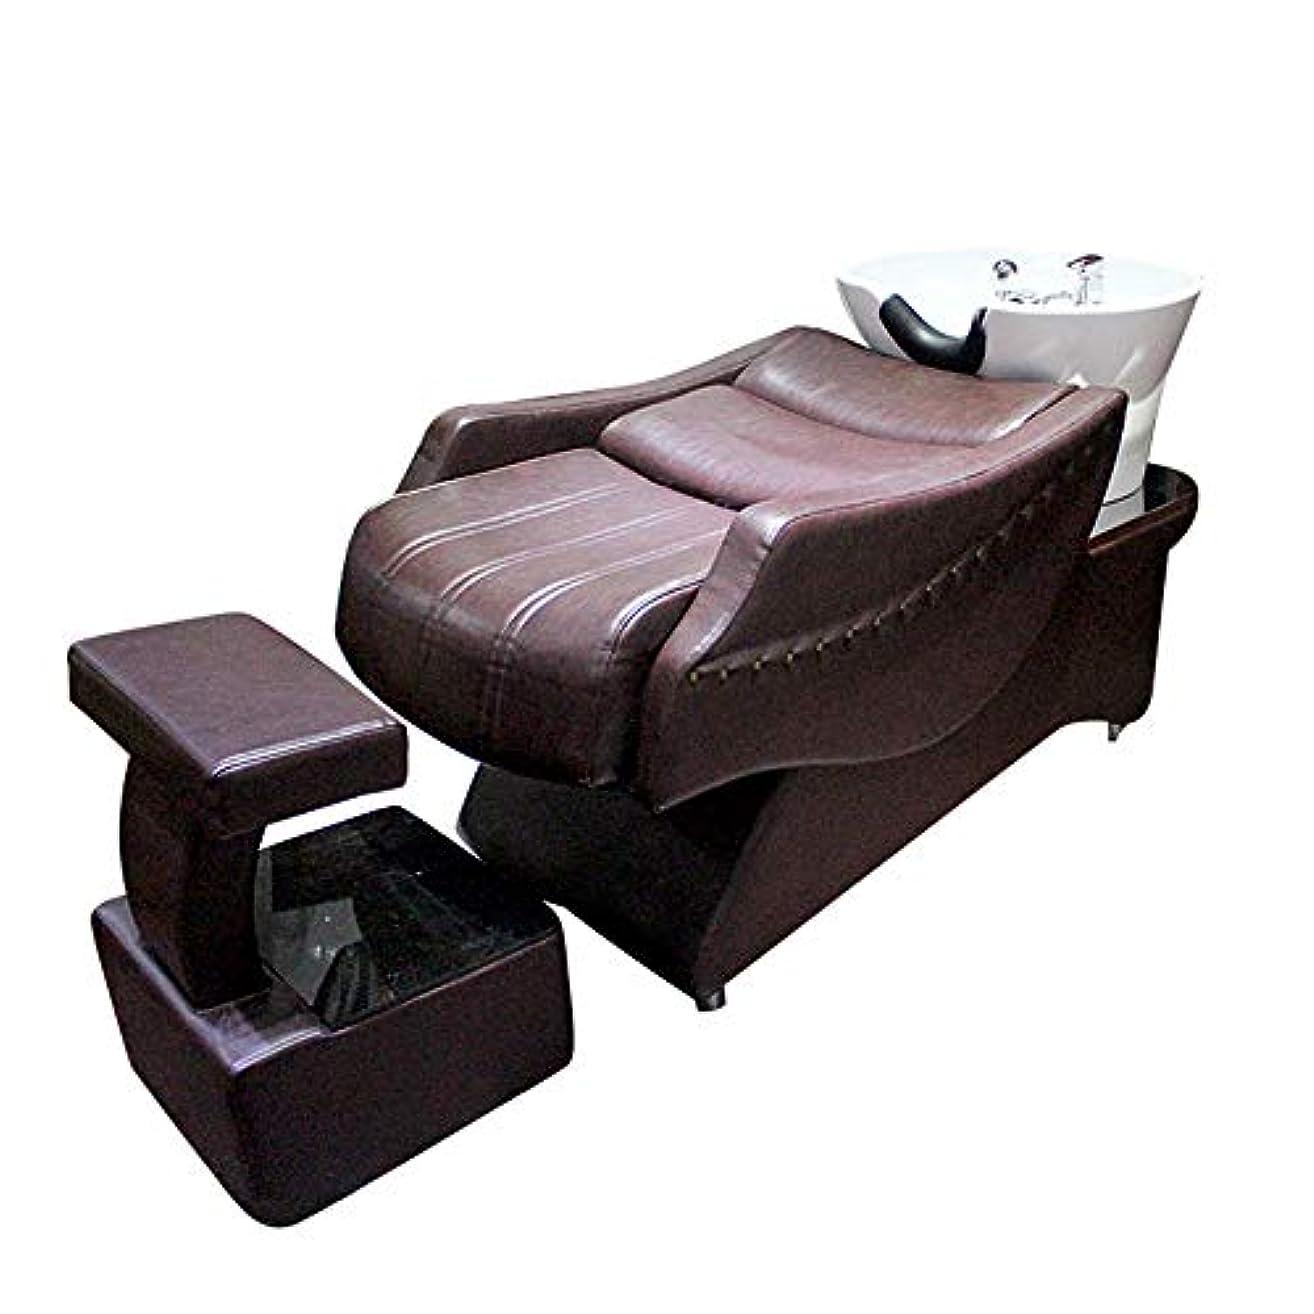 余分な素敵な区シャンプーチェア、半横になっているシャンプーベッドの逆洗ユニットシャンプーボウル理髪シンクシンクチェア用スパ美容院機器